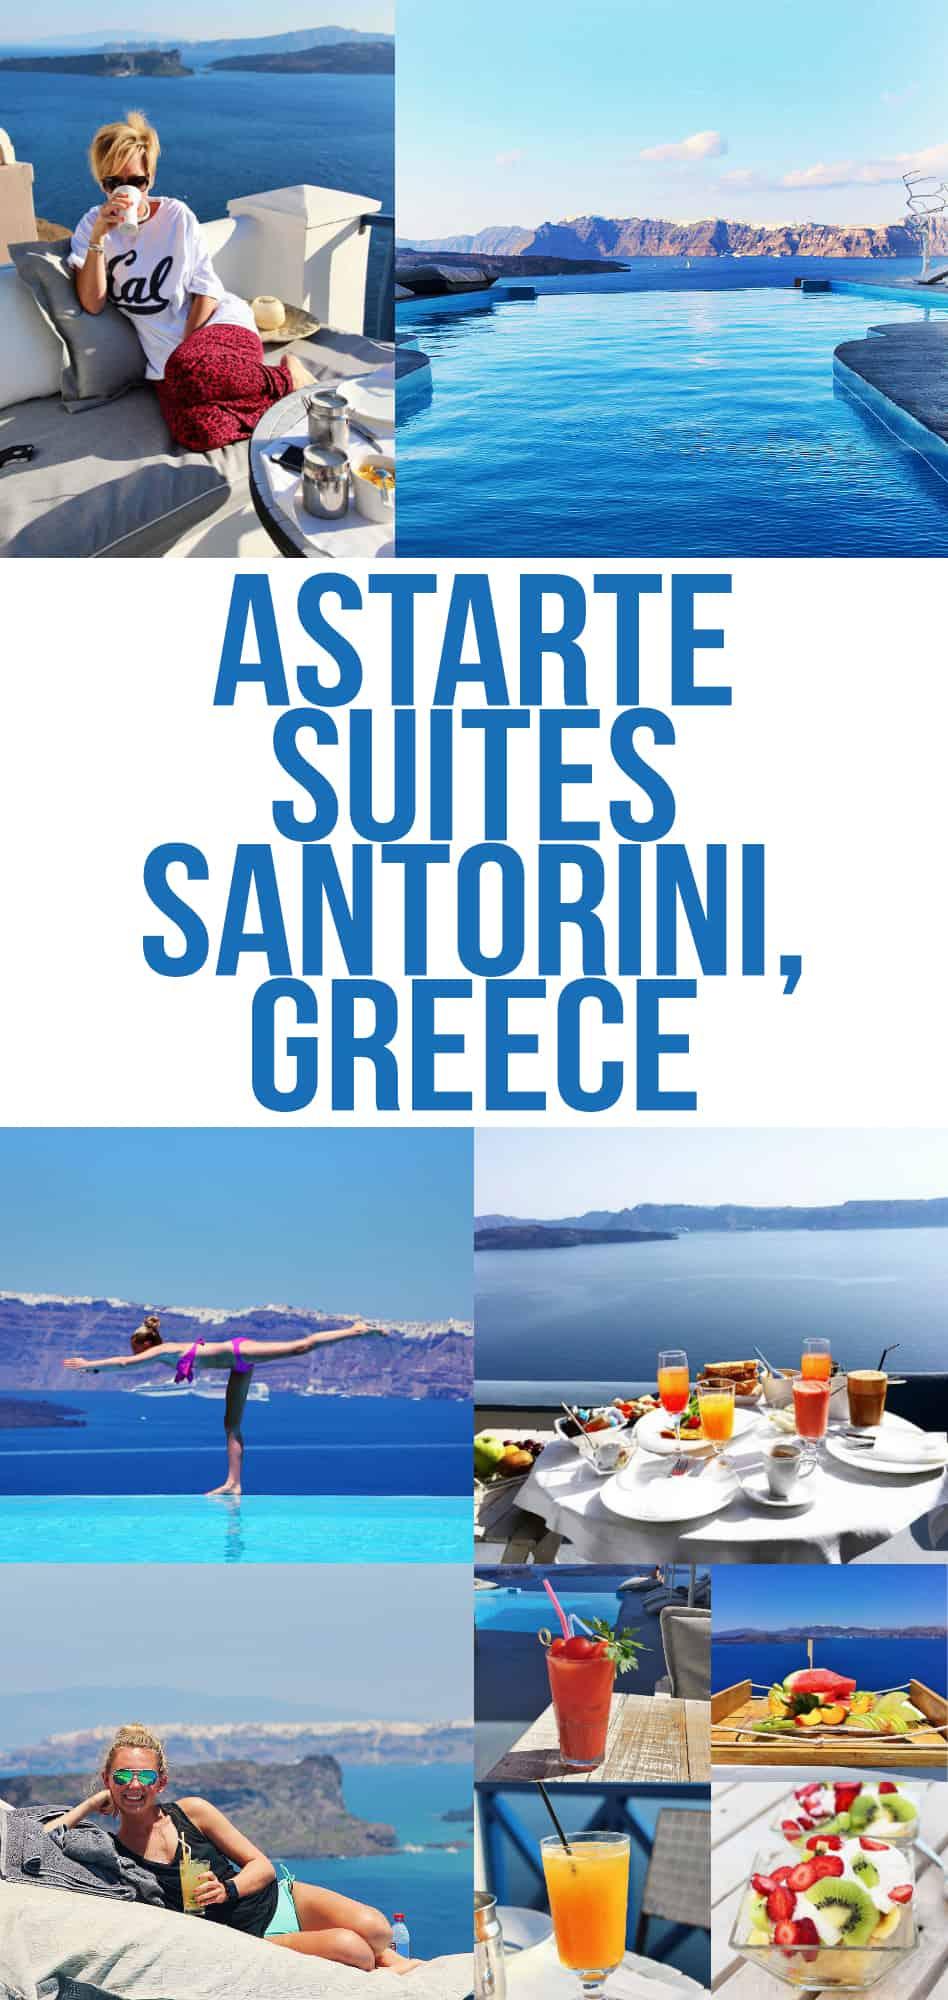 astarte-suites-santorini copy